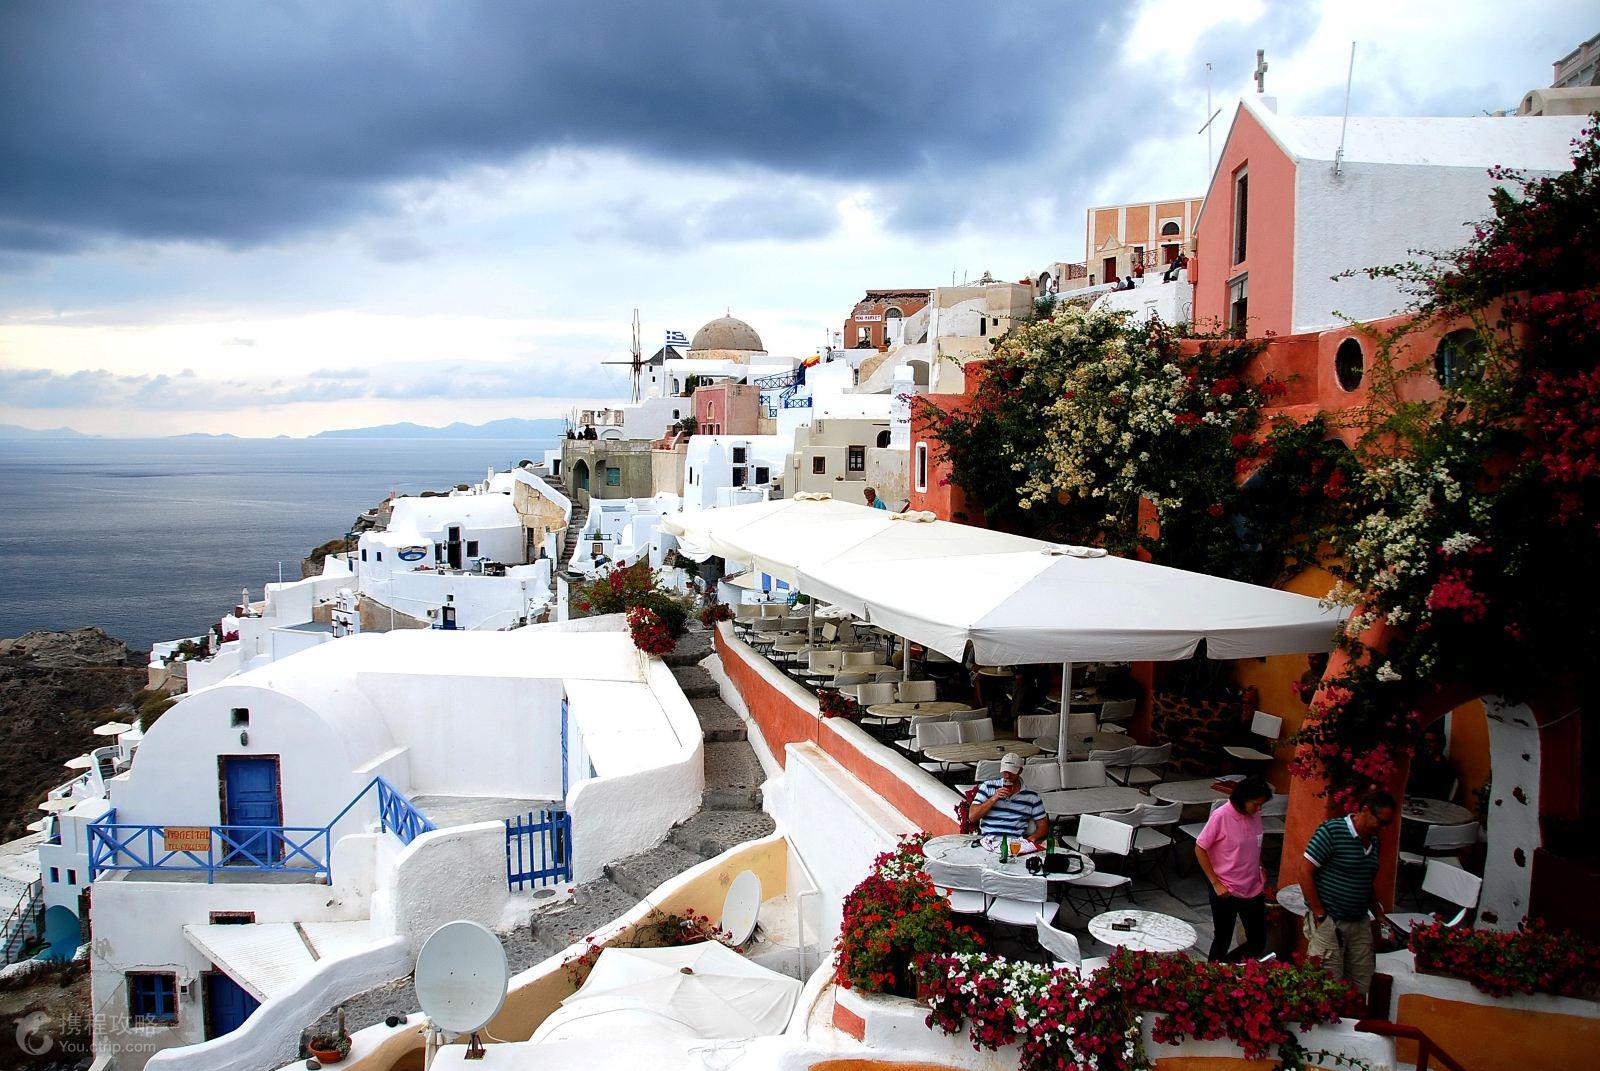 希腊雅典+圣托里尼+米科诺斯岛9日跟团游(4钻)·25人